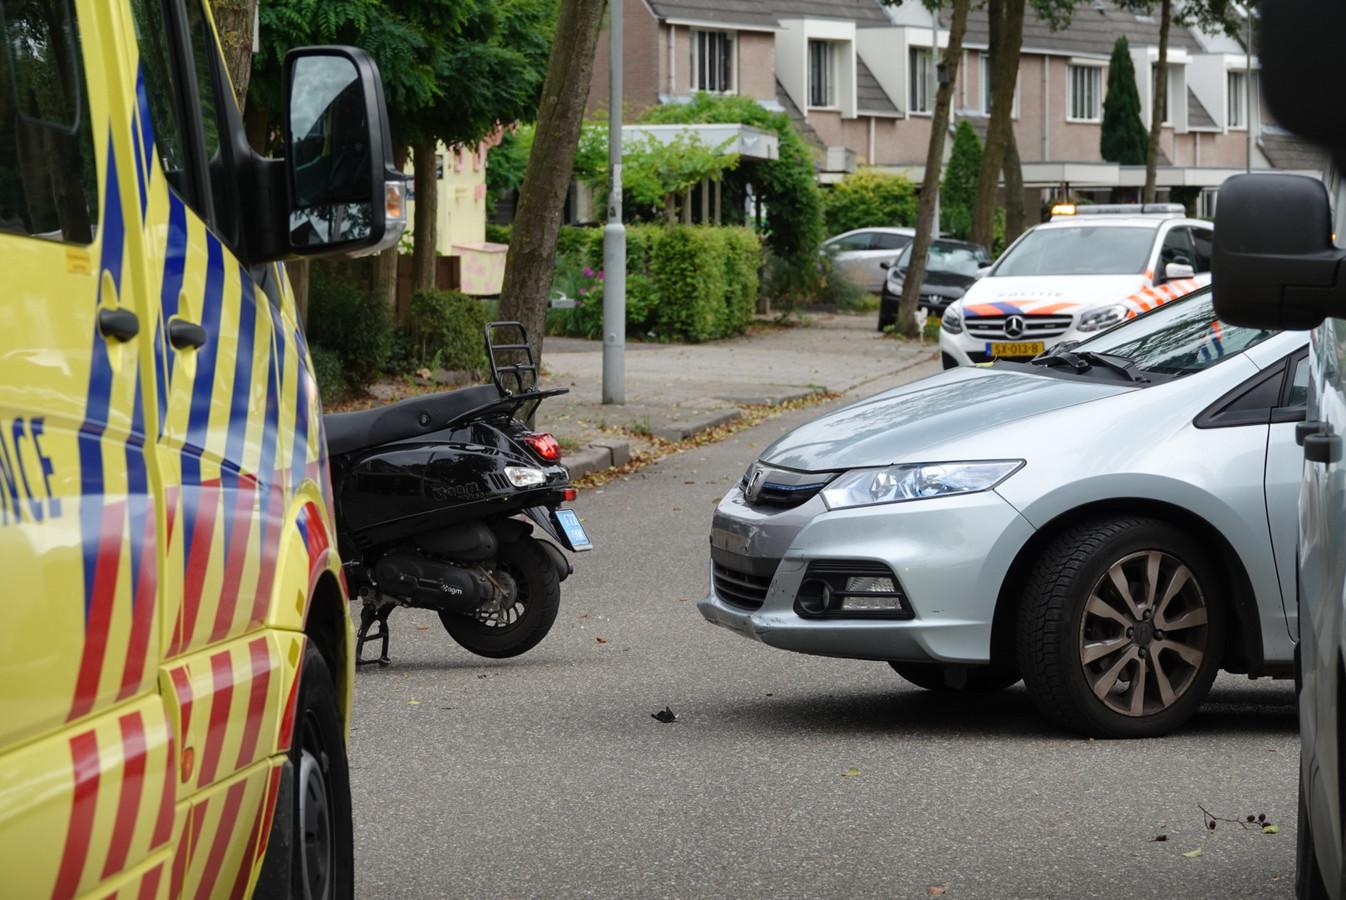 De scooterrijder is lichtgewond geraakt.